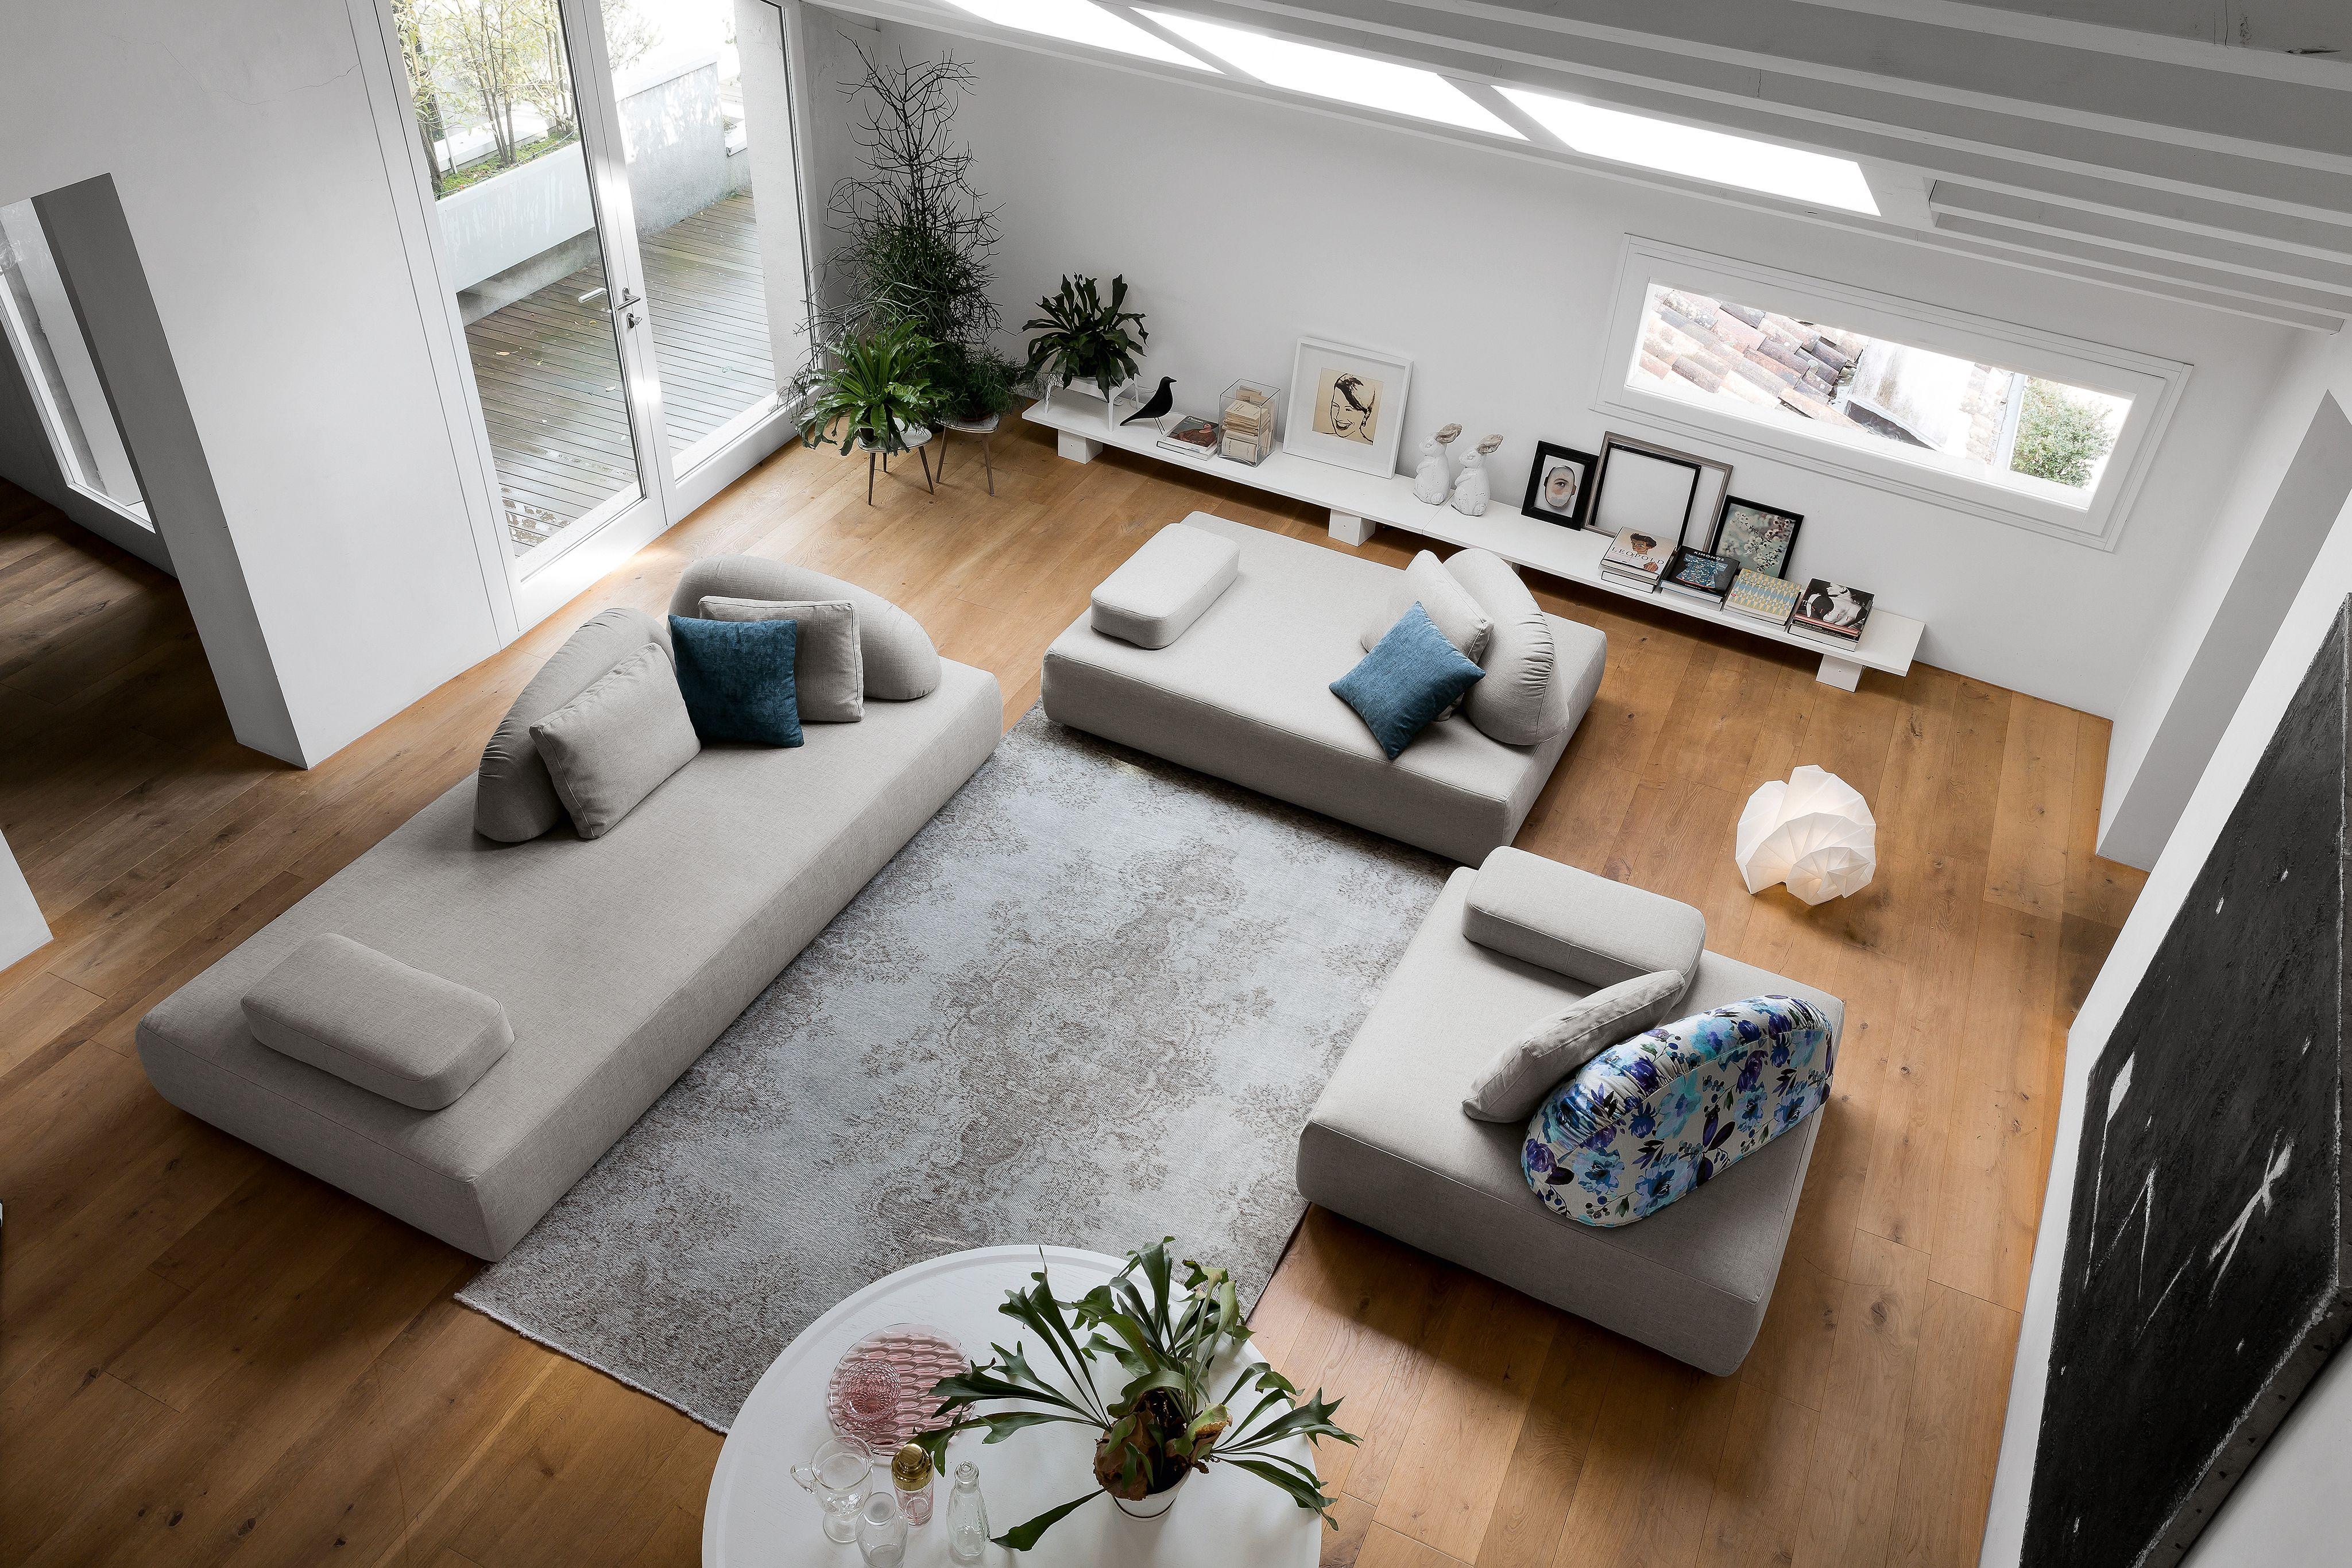 Osez Le Confort Osez Kuchen Spezialist Canape Fauteuil Chaise Design Confort Meuble Canape Design Amenagement Interieur